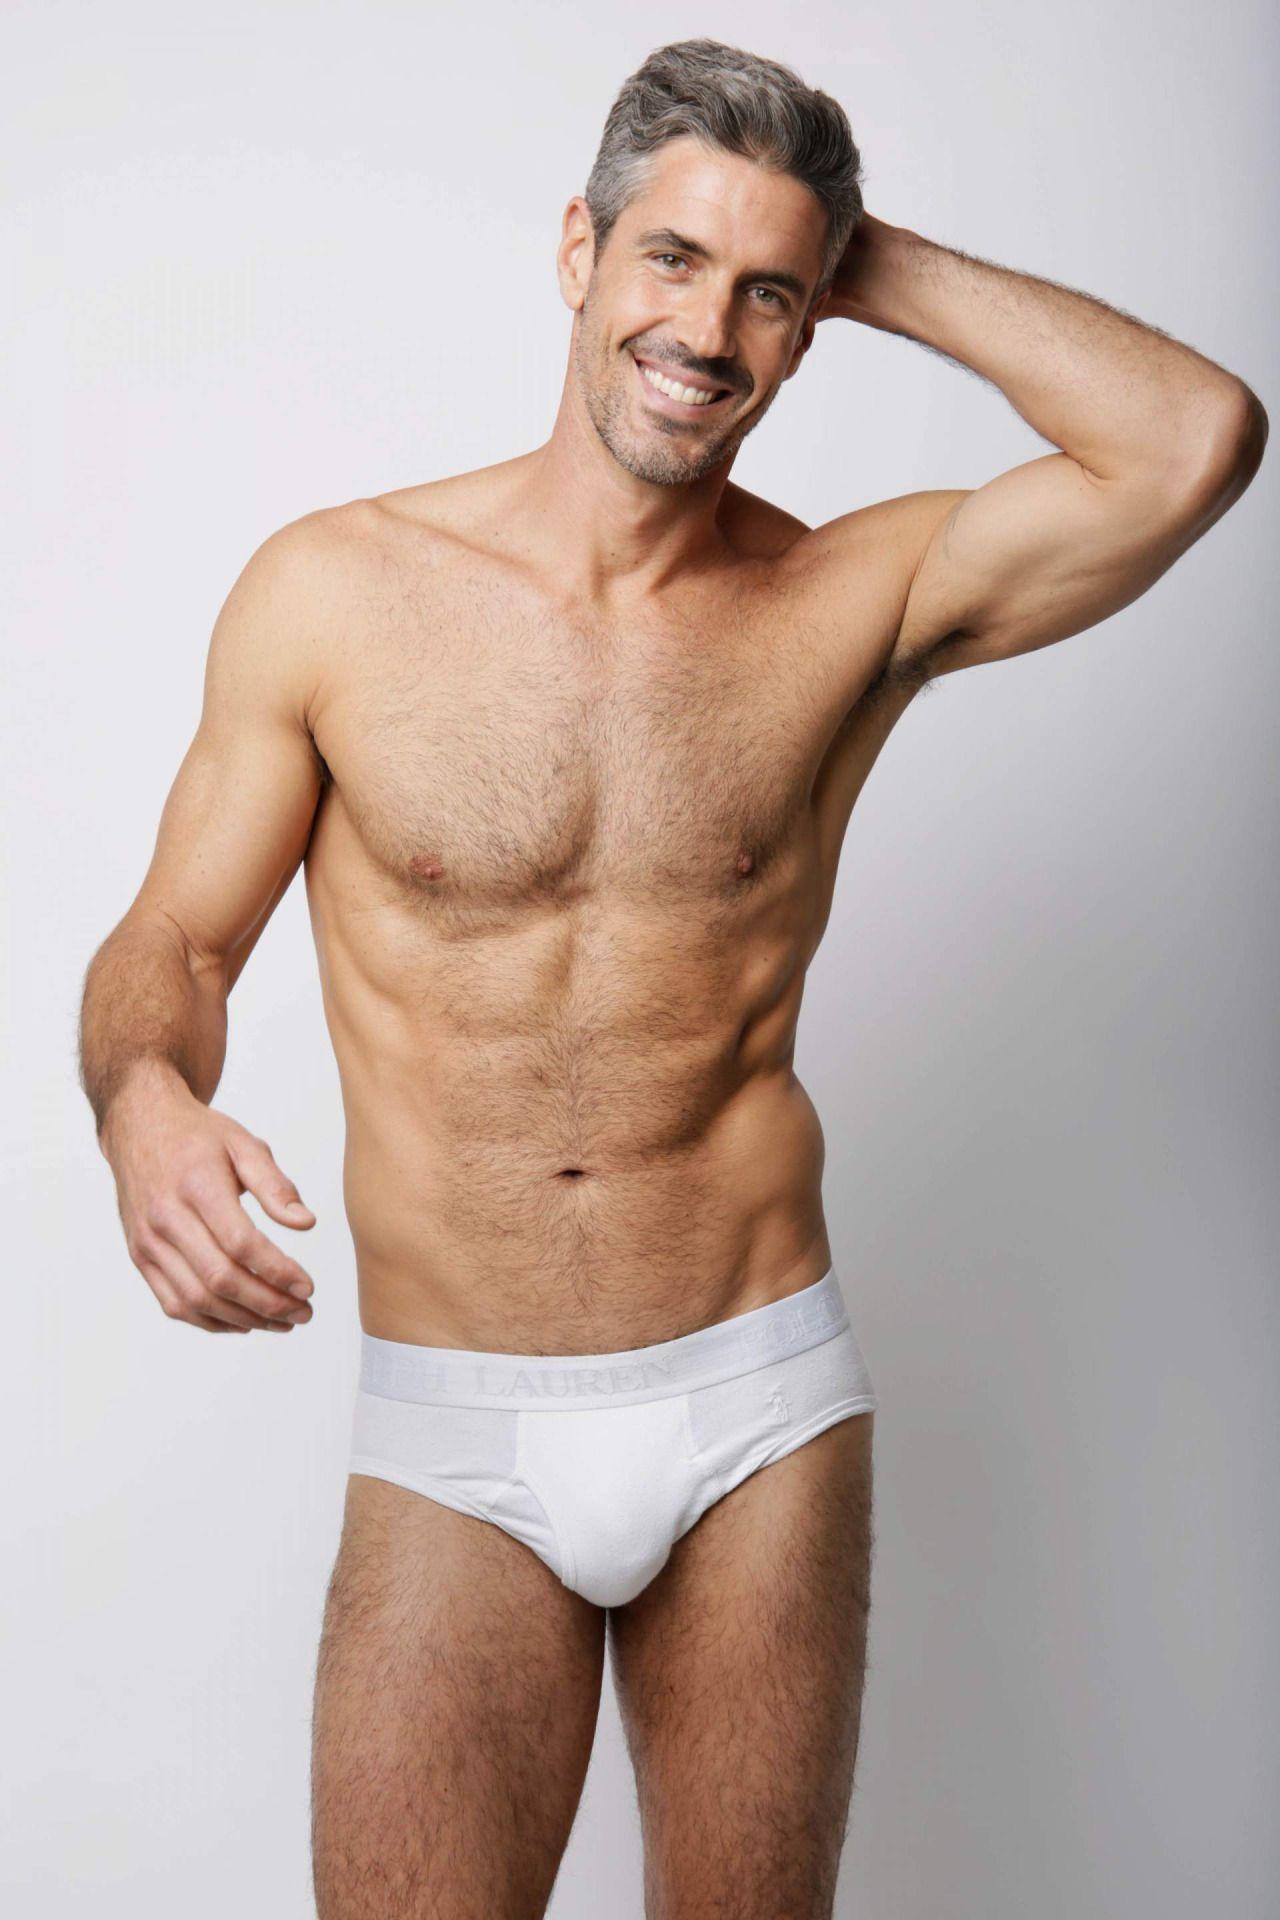 trey griley | sexy mature men and women | pinterest | mature men